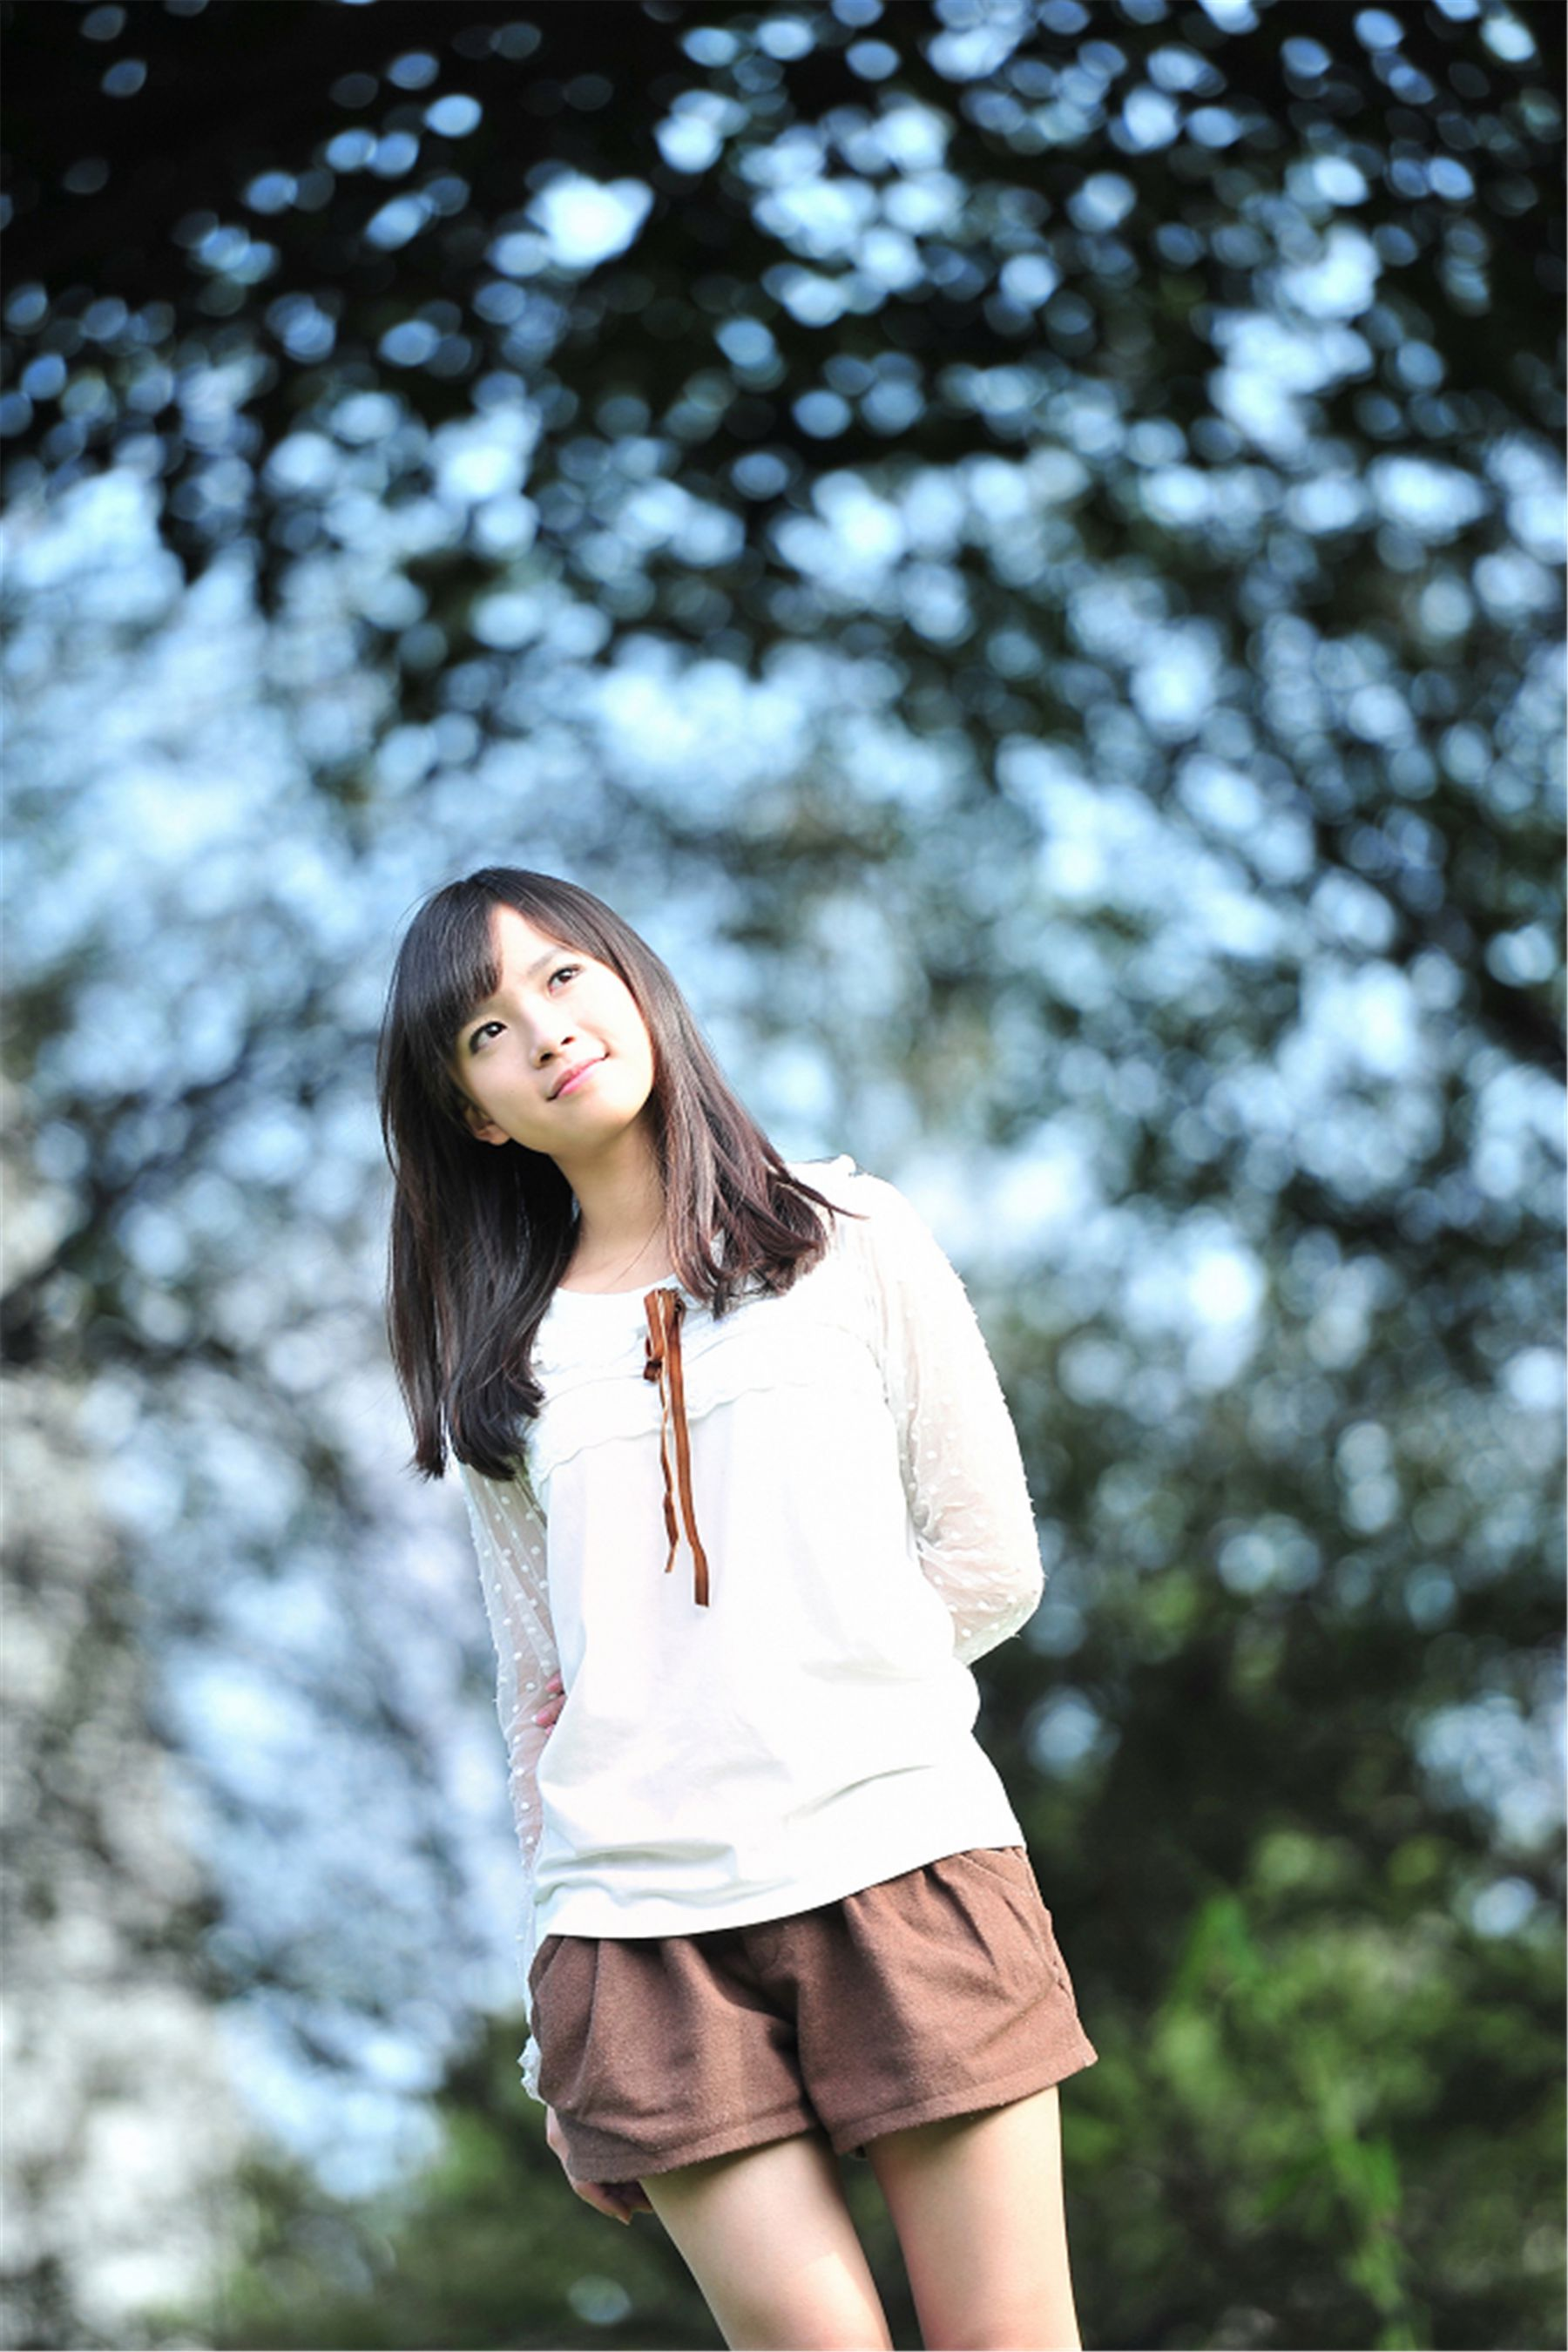 VOL.1766 [台湾正妹]可爱清纯甜美正妹:虞成敬(小敬)高品质写真套图(21P)